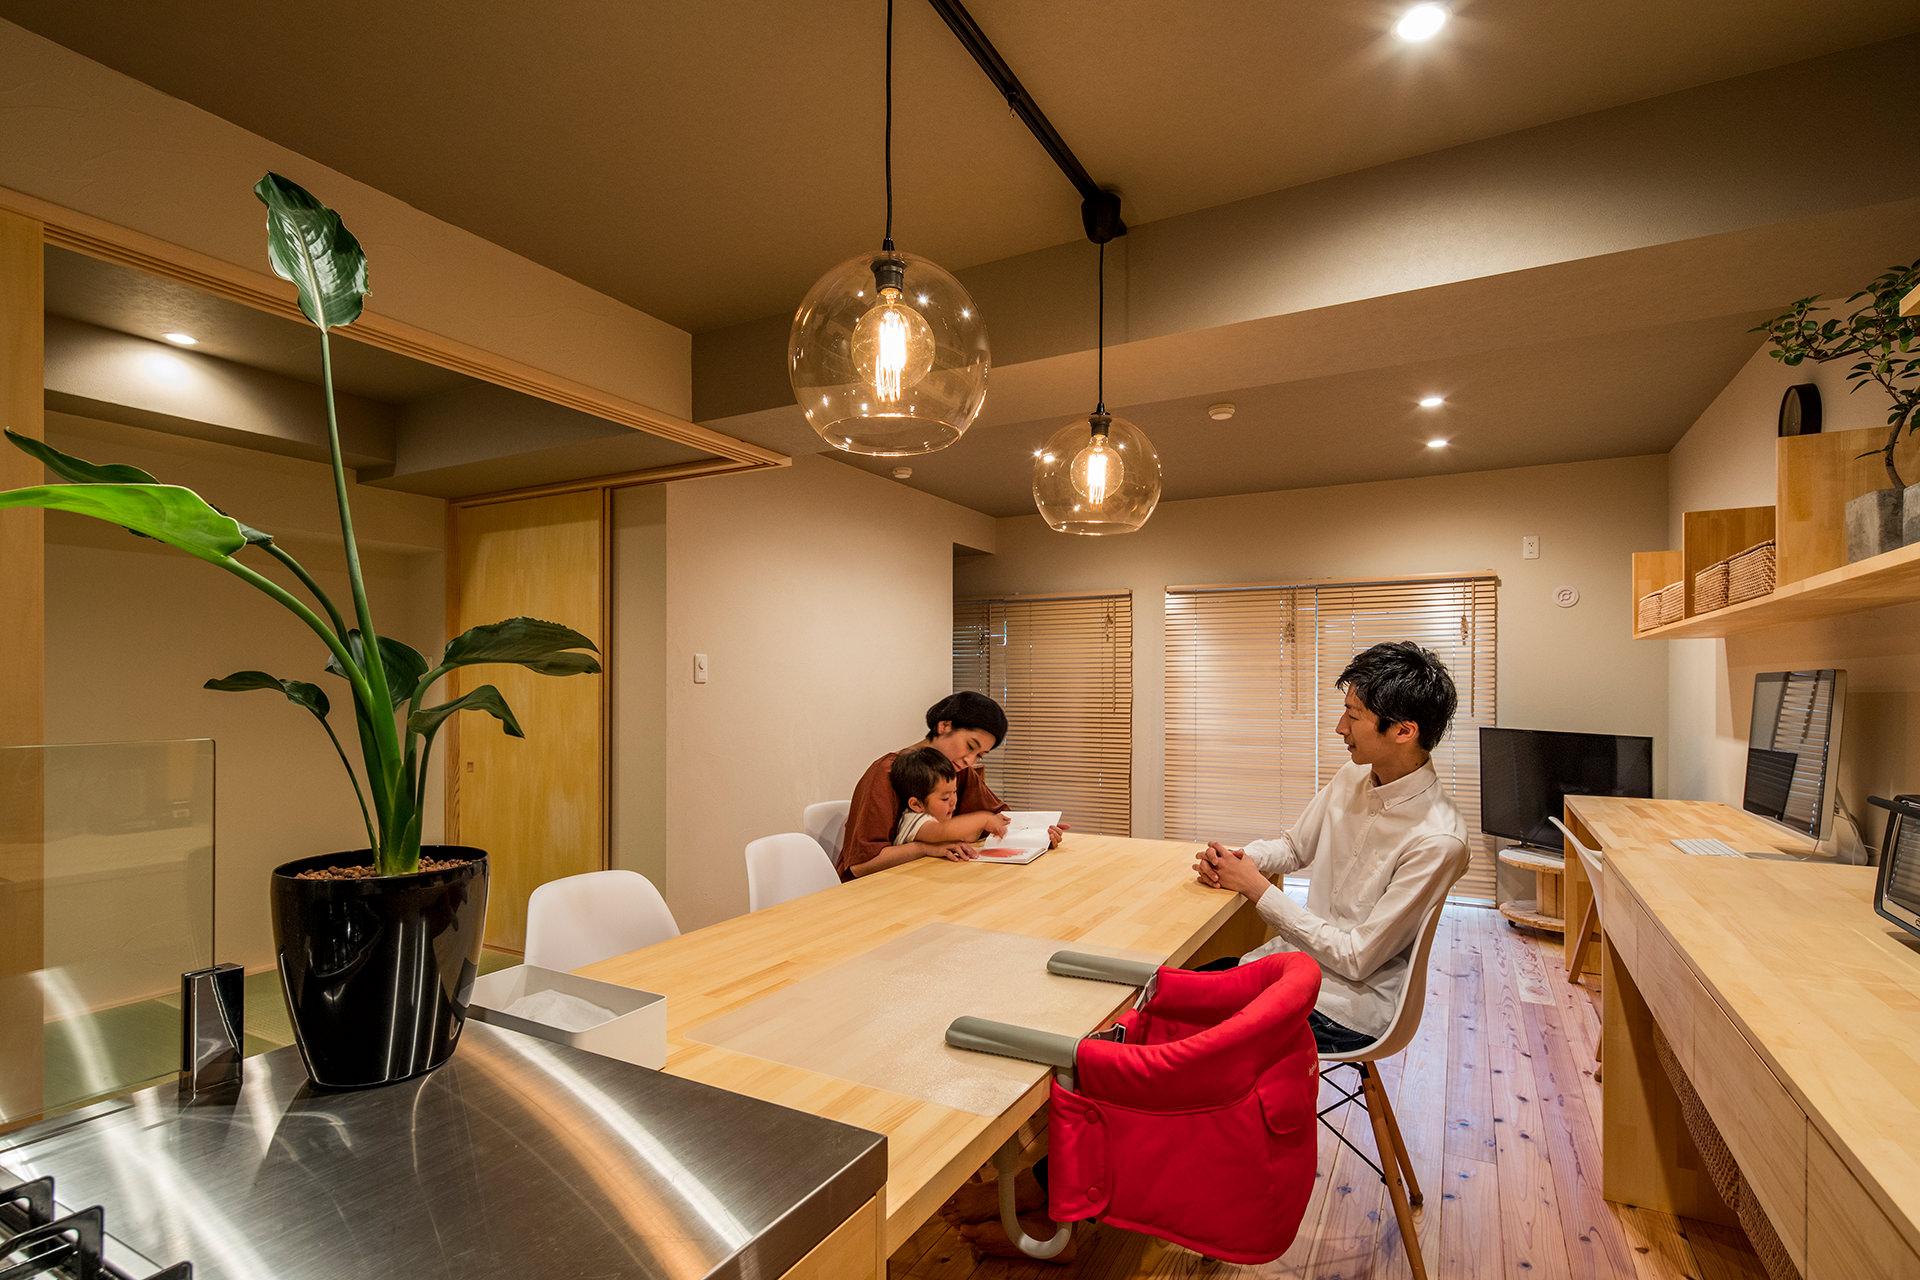 「アイランドキッチンと広々LDKの暮らしを愉しむ家」イメージ07 撮影:東涌宏和